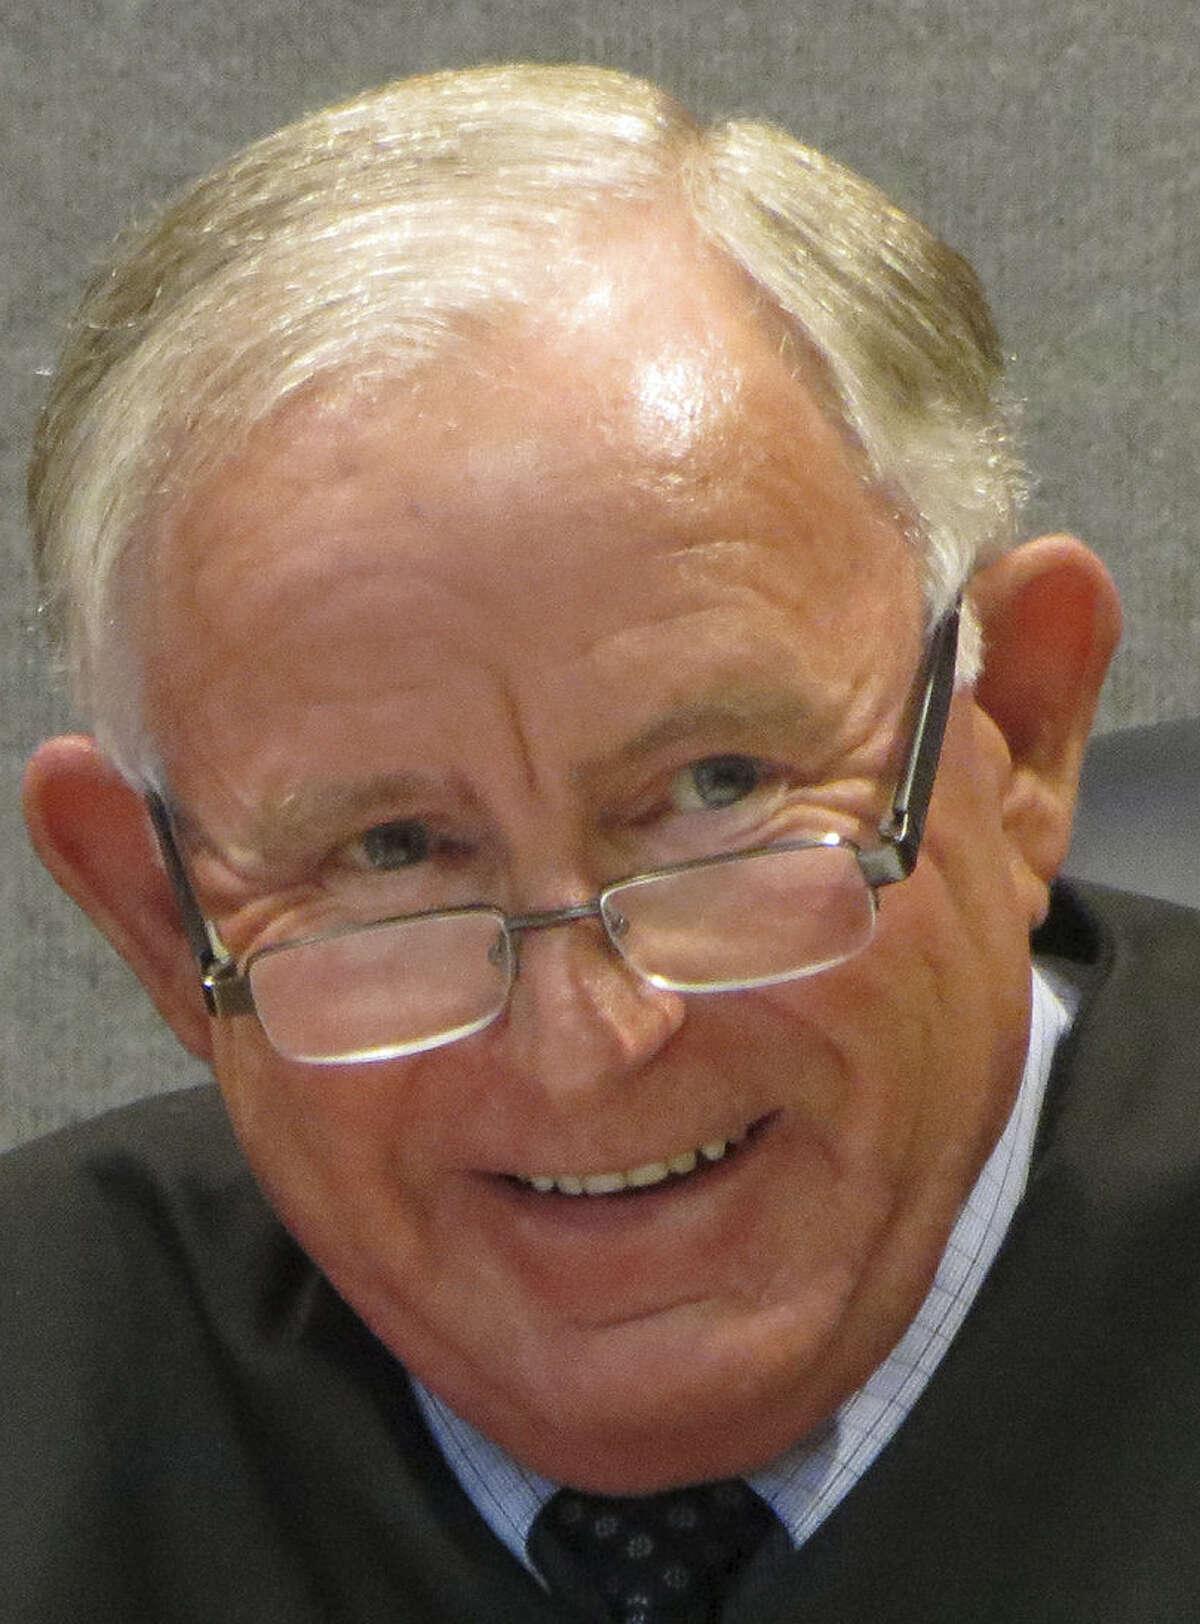 State District Judge Jack Robison